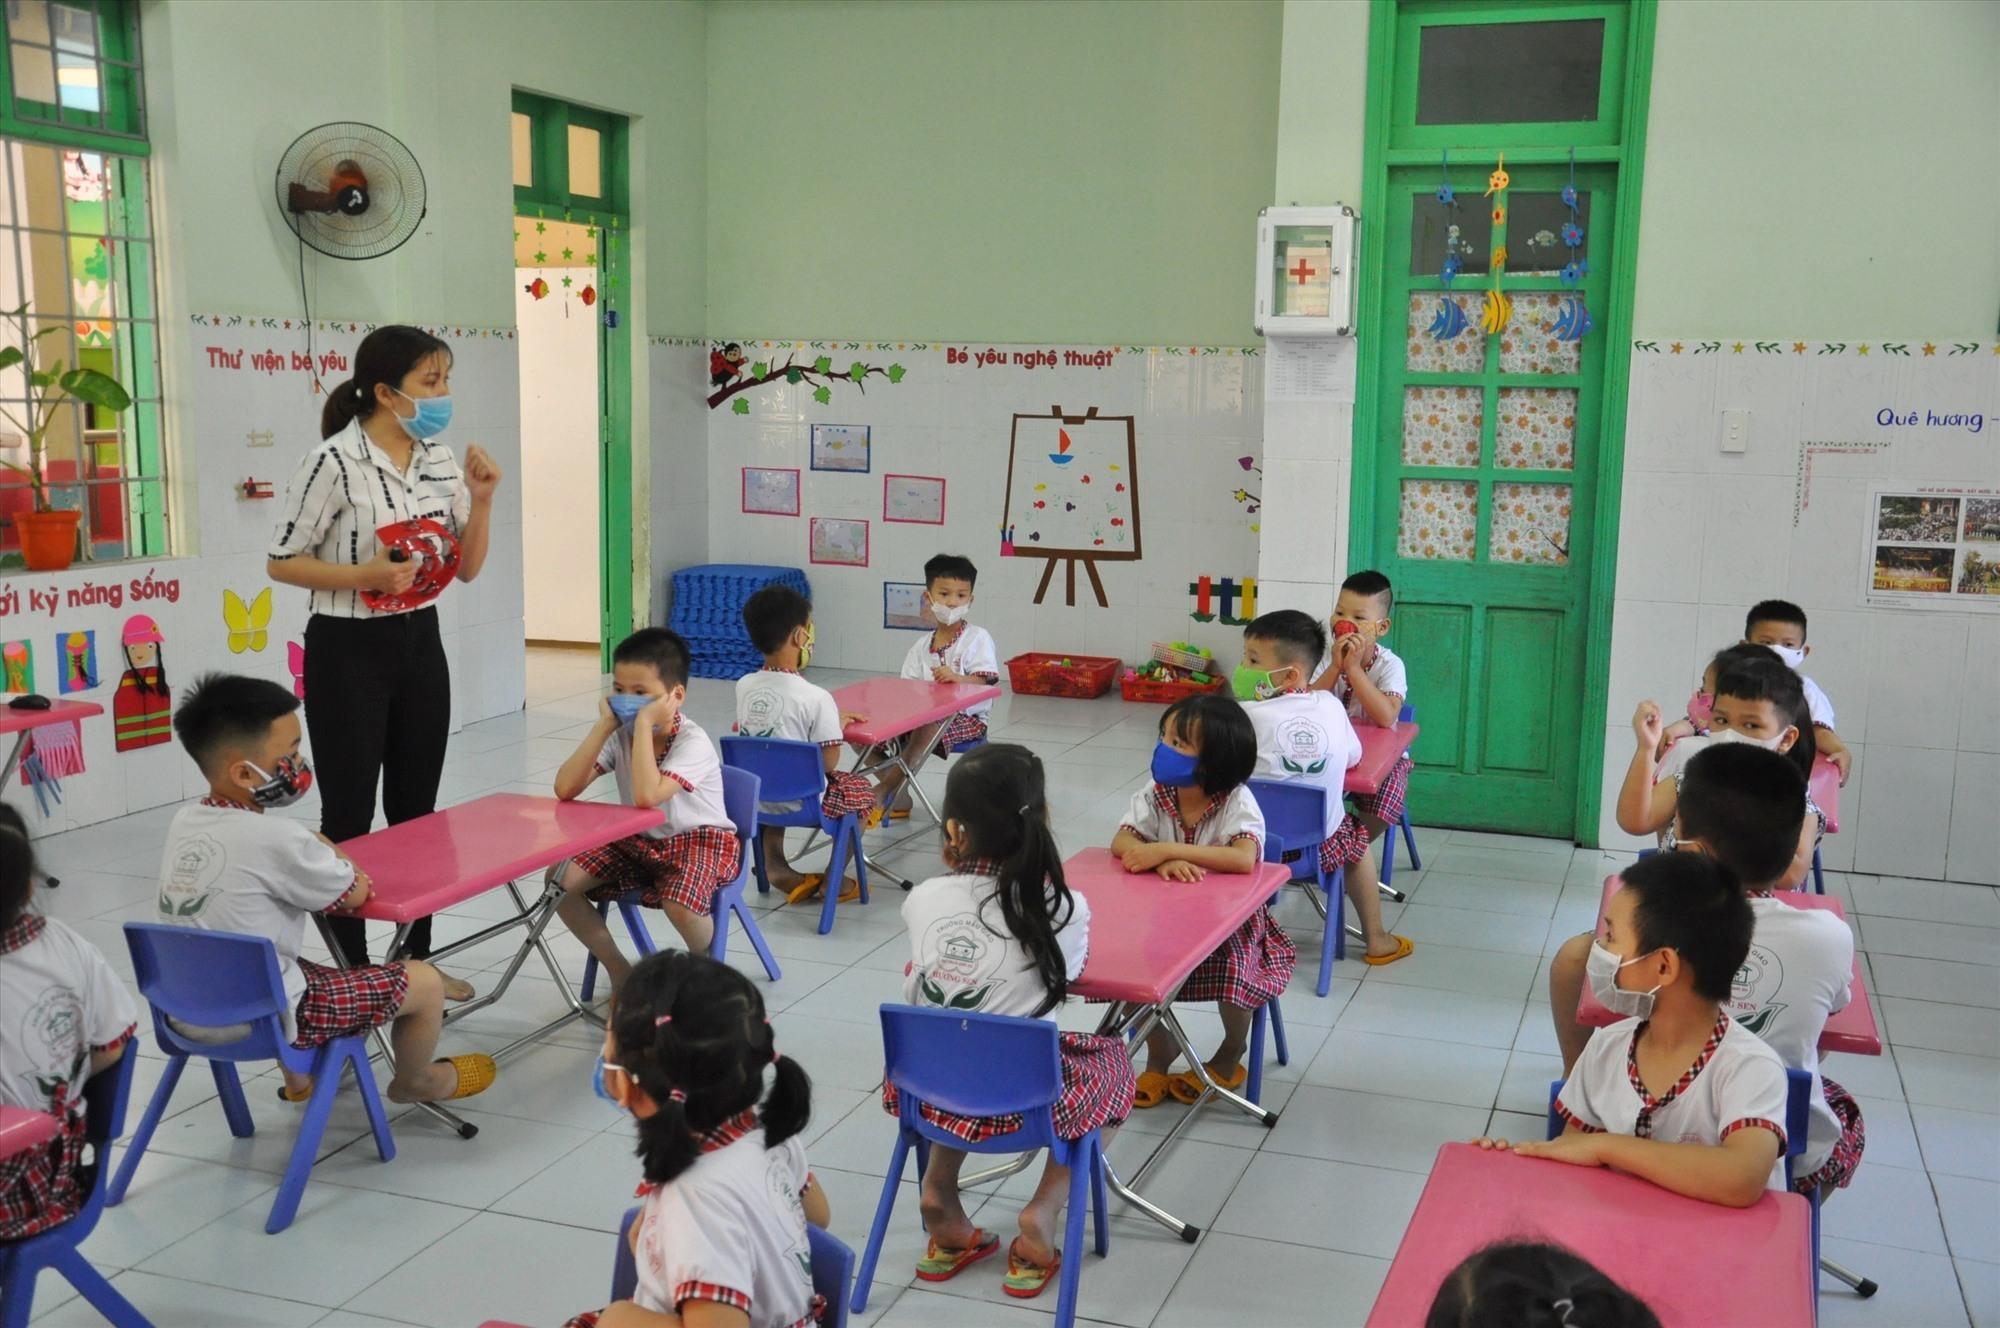 Trường Mẫu giáo Hương Sen cho trẻ ngồi học giãn cách. Ảnh: X.P